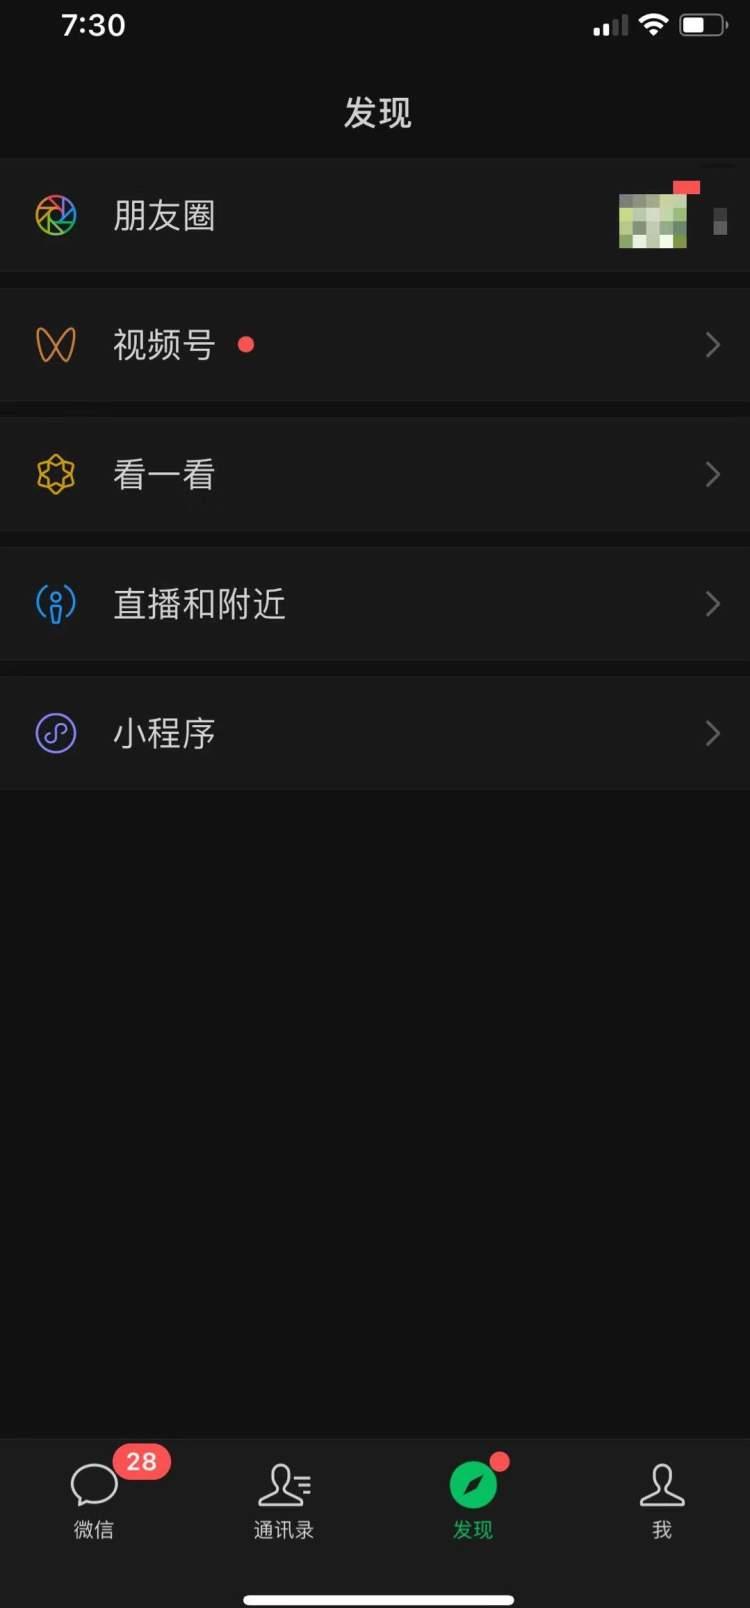 """微信大更新!新增""""我的状态"""",聊天页面也可以""""放烟花""""了"""